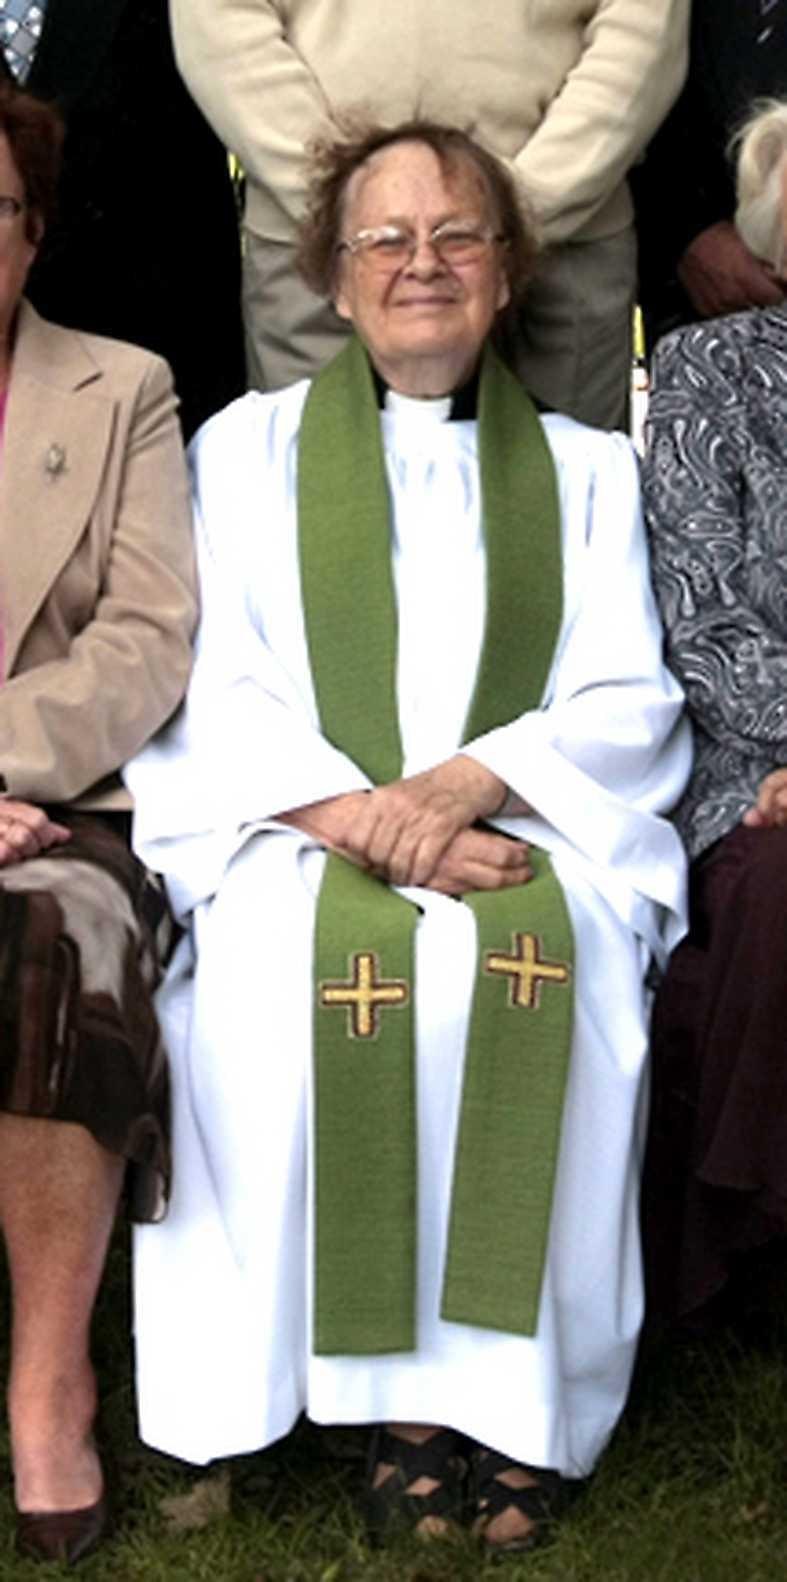 söks med helikopter Silleruds församling har varit Kerstin Segerbergs liv i många år. Hon var tidigare kyrkoherde. Sedan den 15 december är hon spårlöst borta.